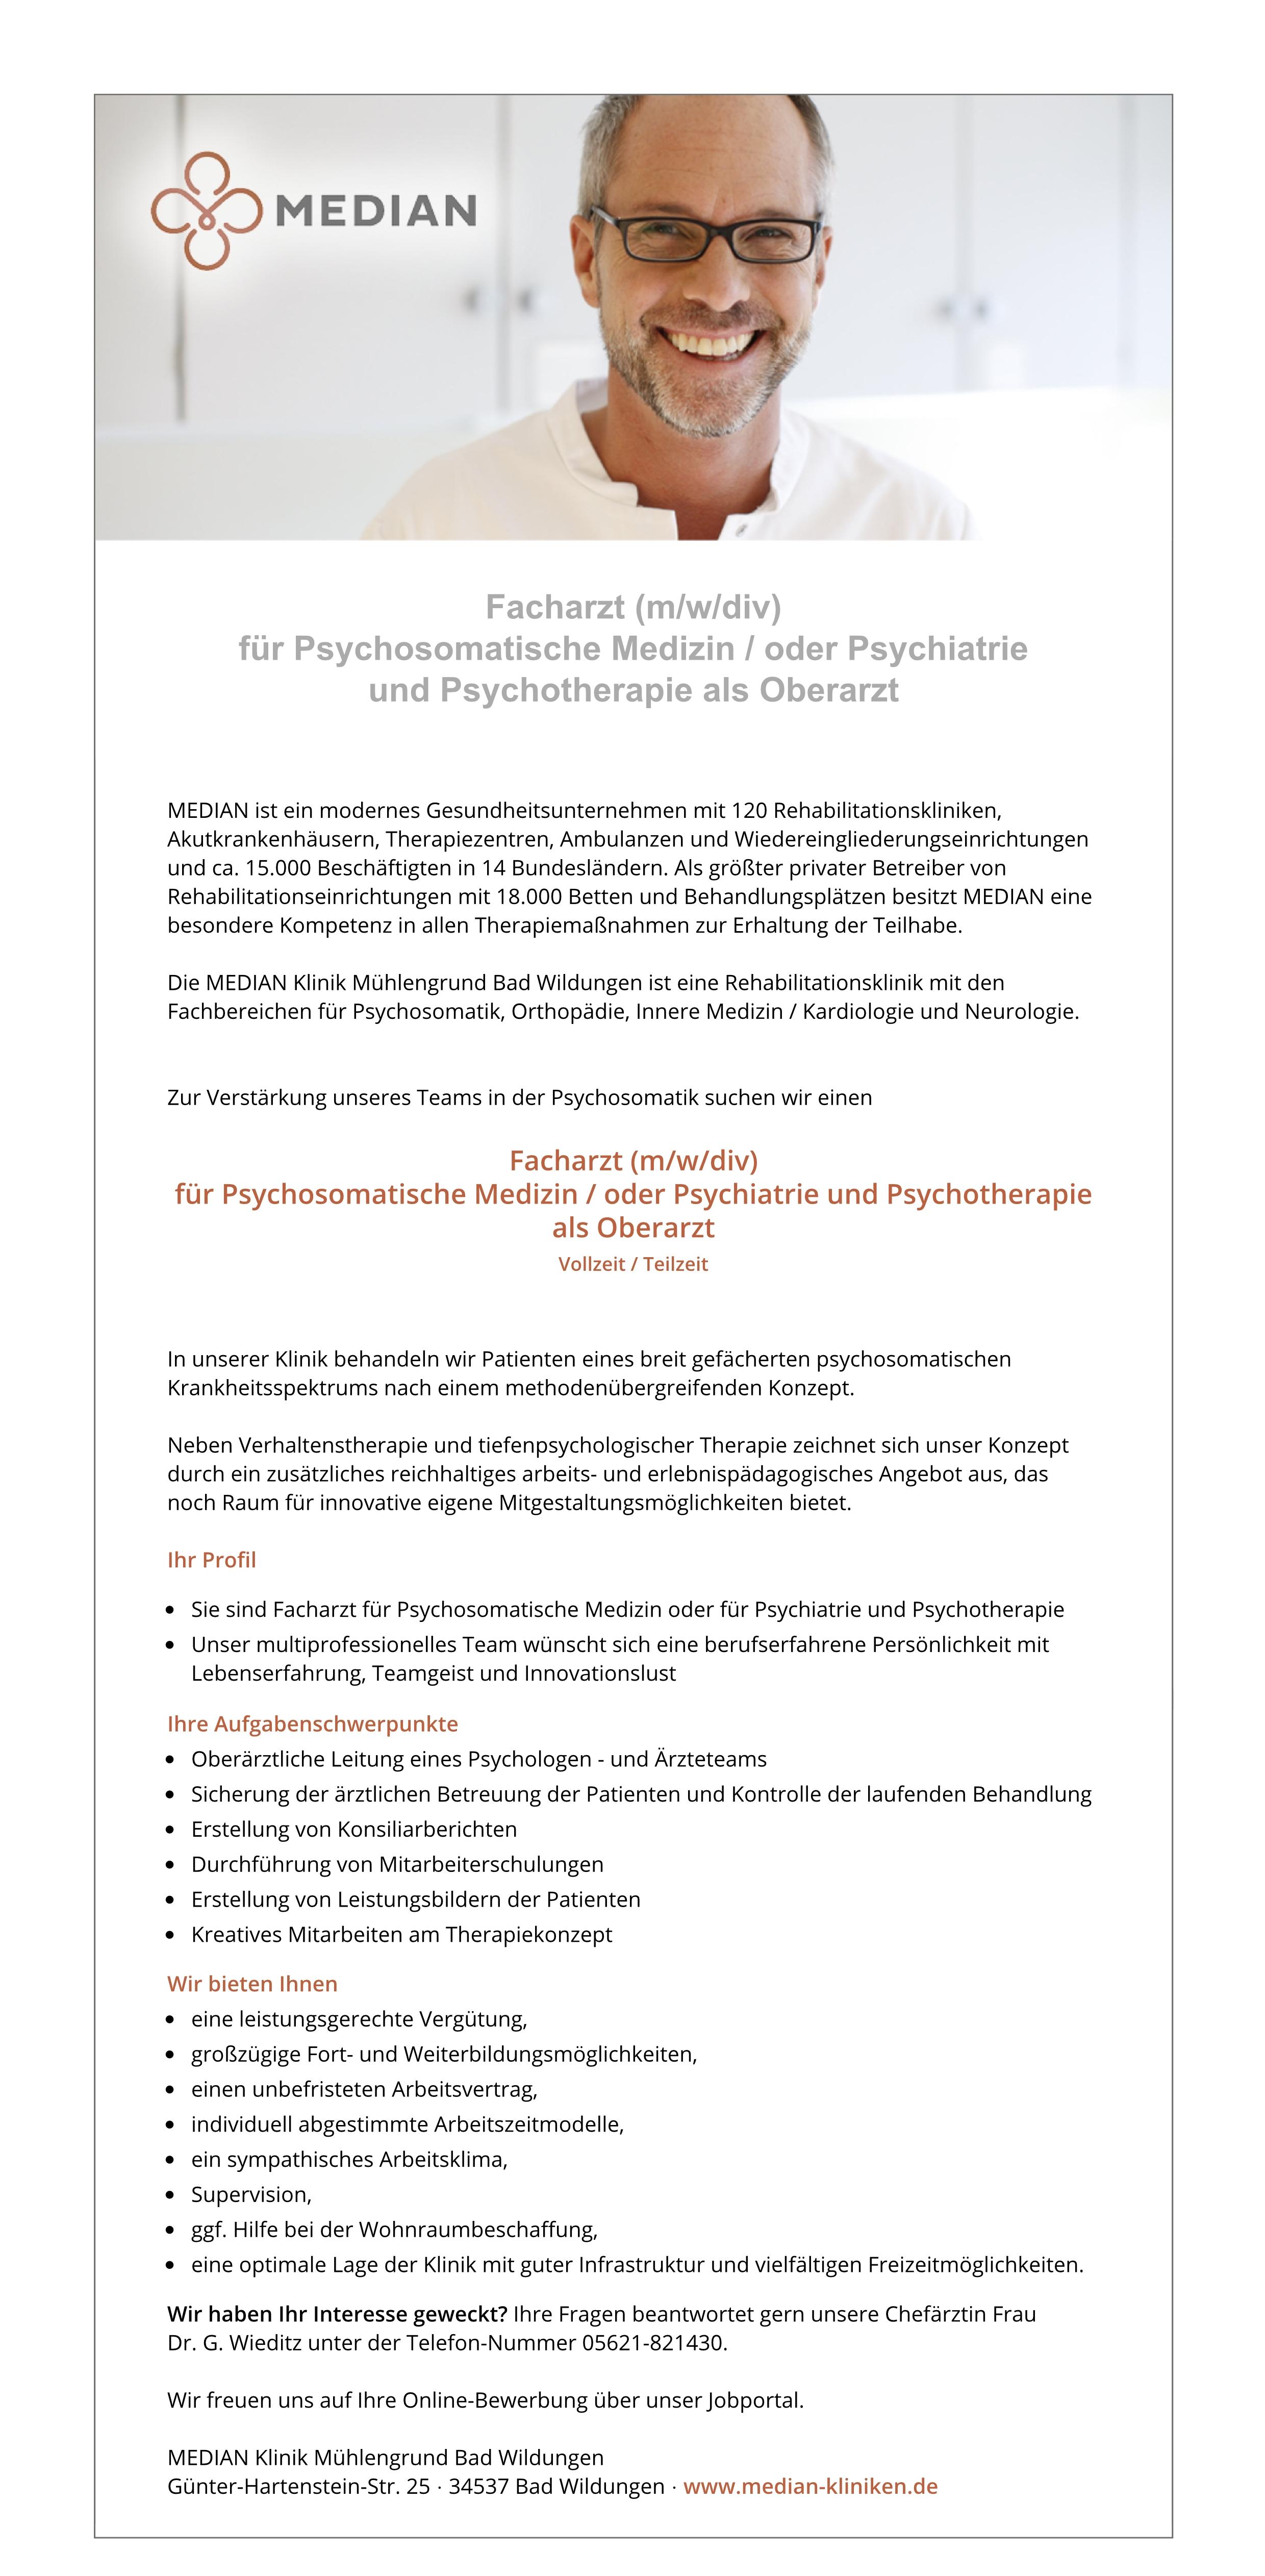 Facharzt (m/w/div) für Psychosomatische Medizin / oder Psychiatrie und Psychotherapie als Oberarzt